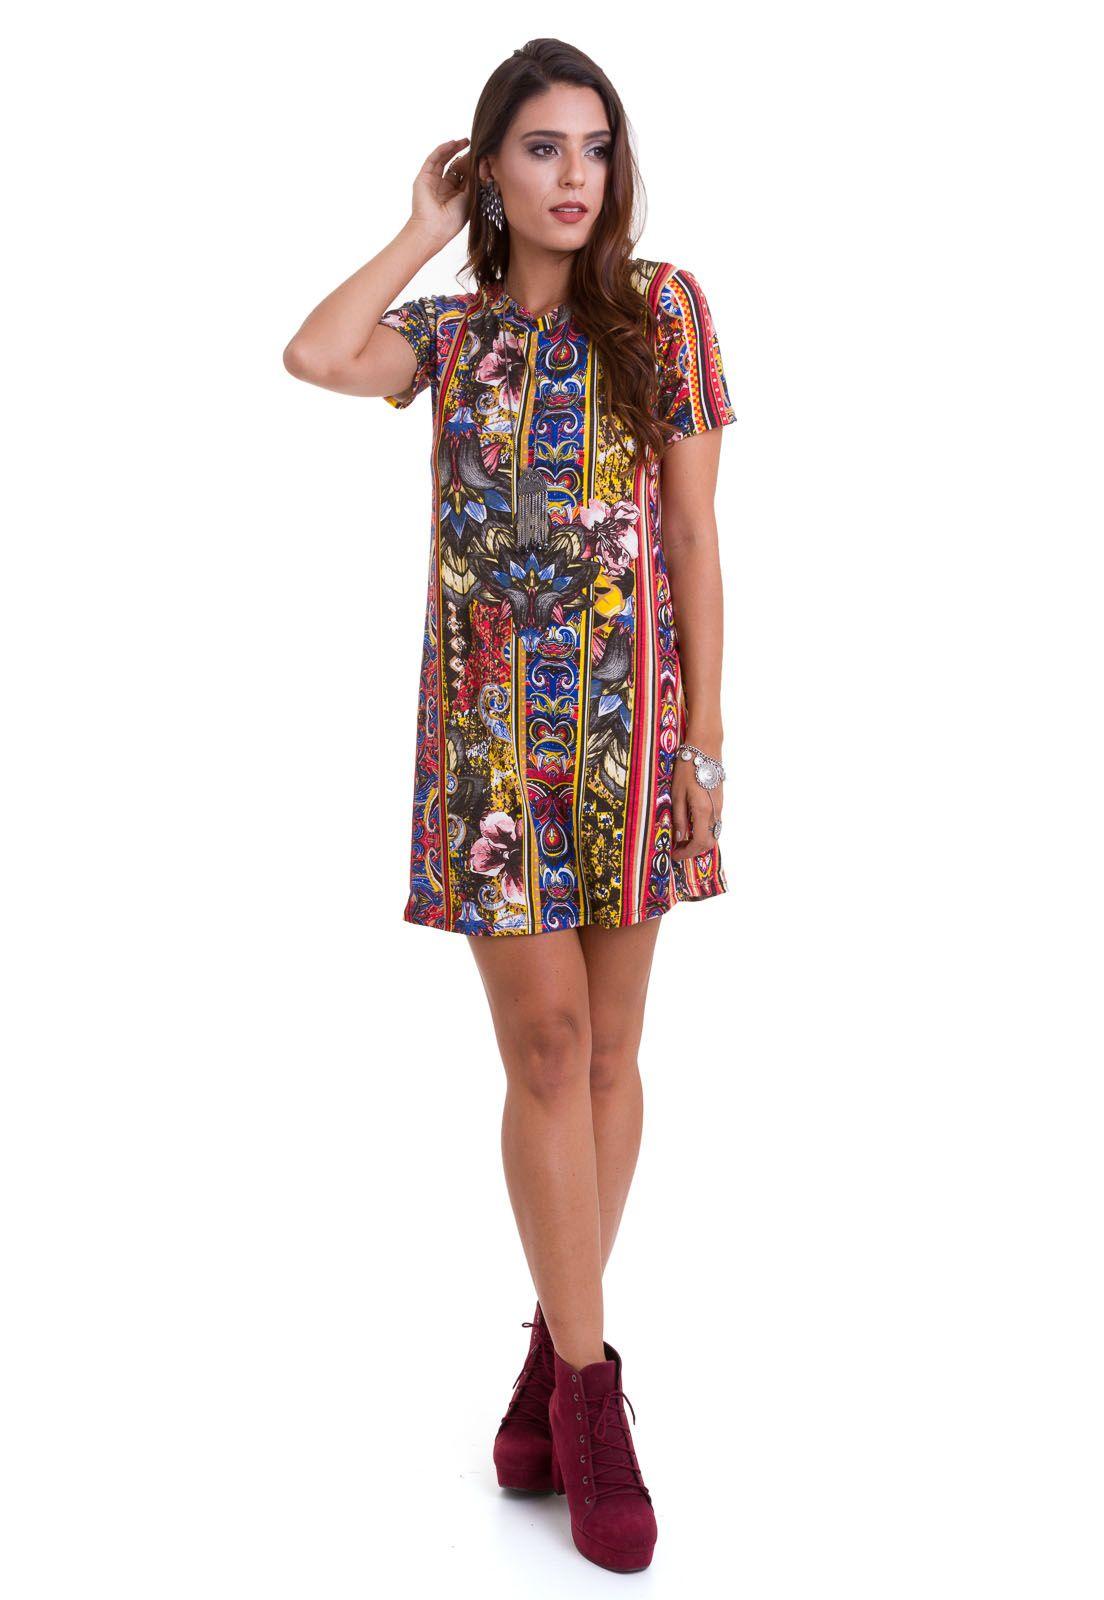 d3a370e09 O vestido rodado estampado da Manola composto em viscolycra e modelagem  reta é leve, solto